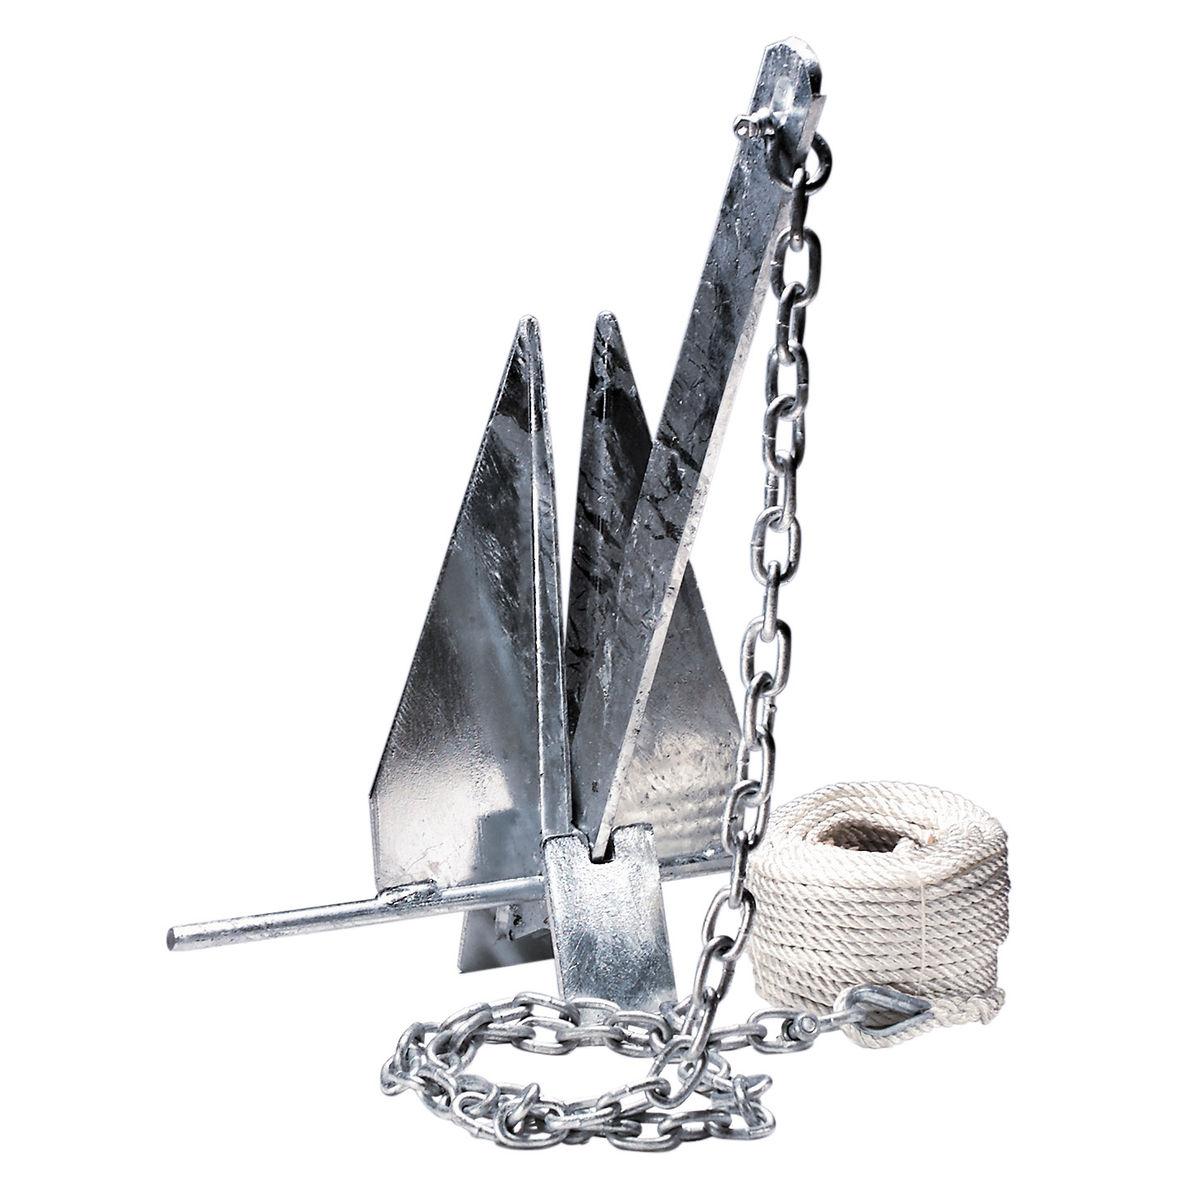 Boat Anchor Kits_3